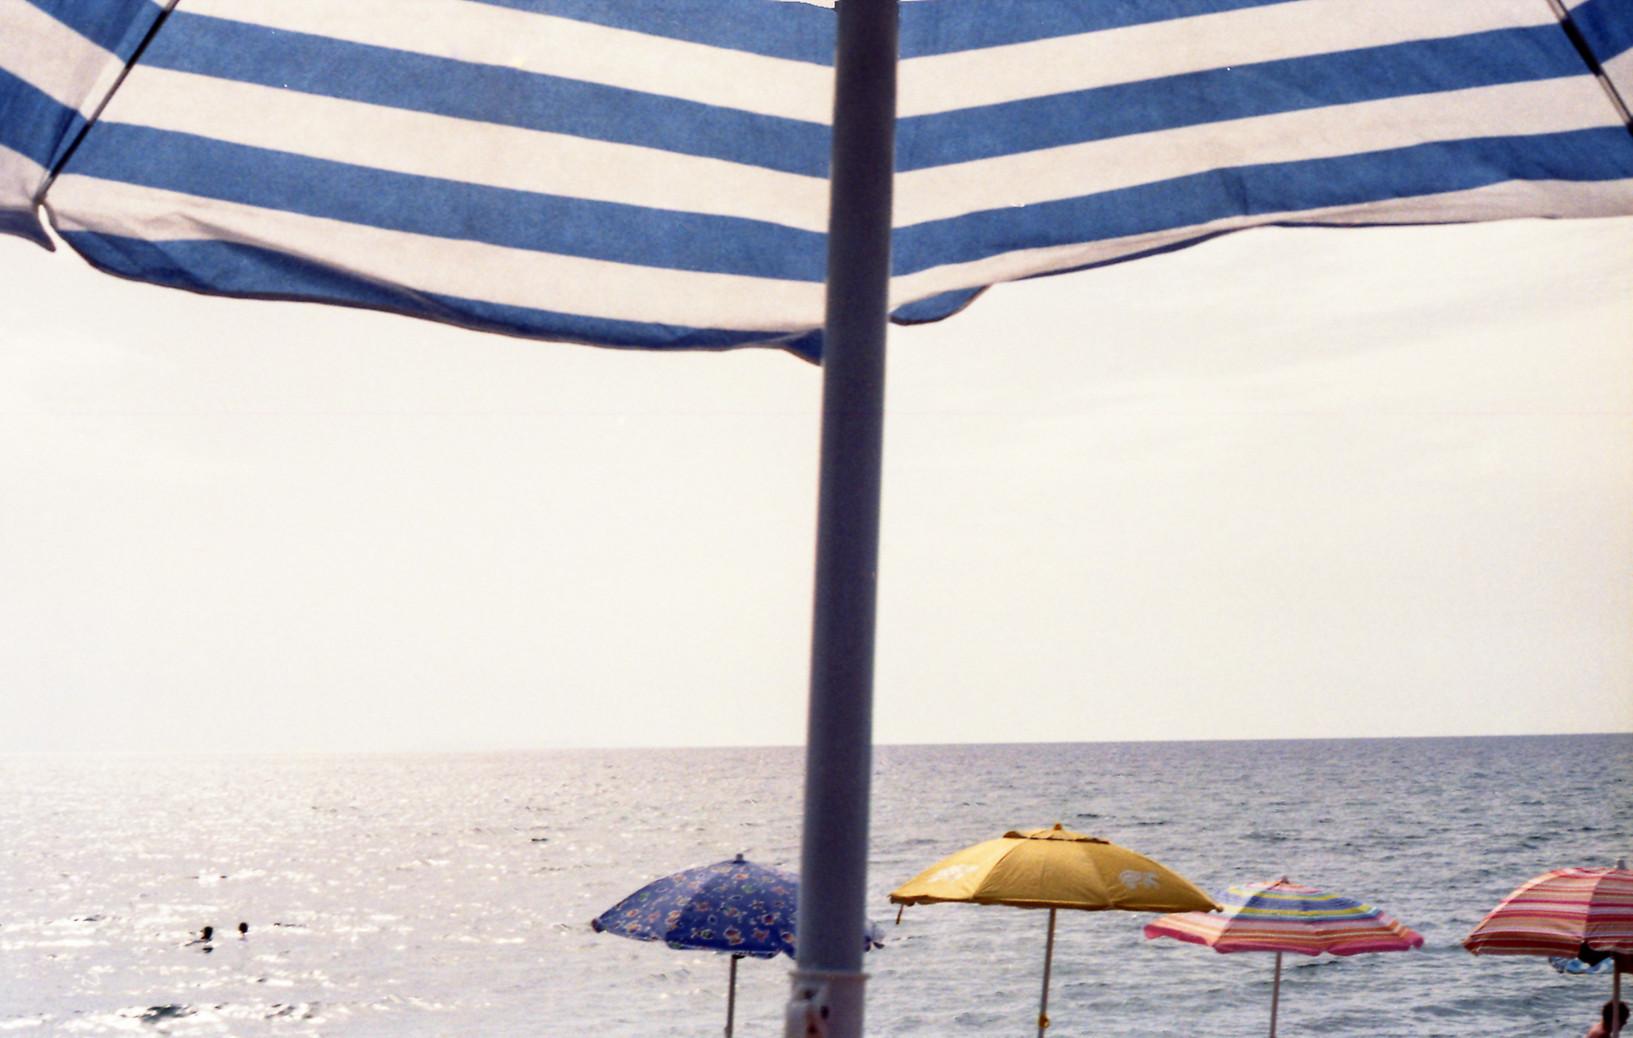 Beach Umbrella / 2016